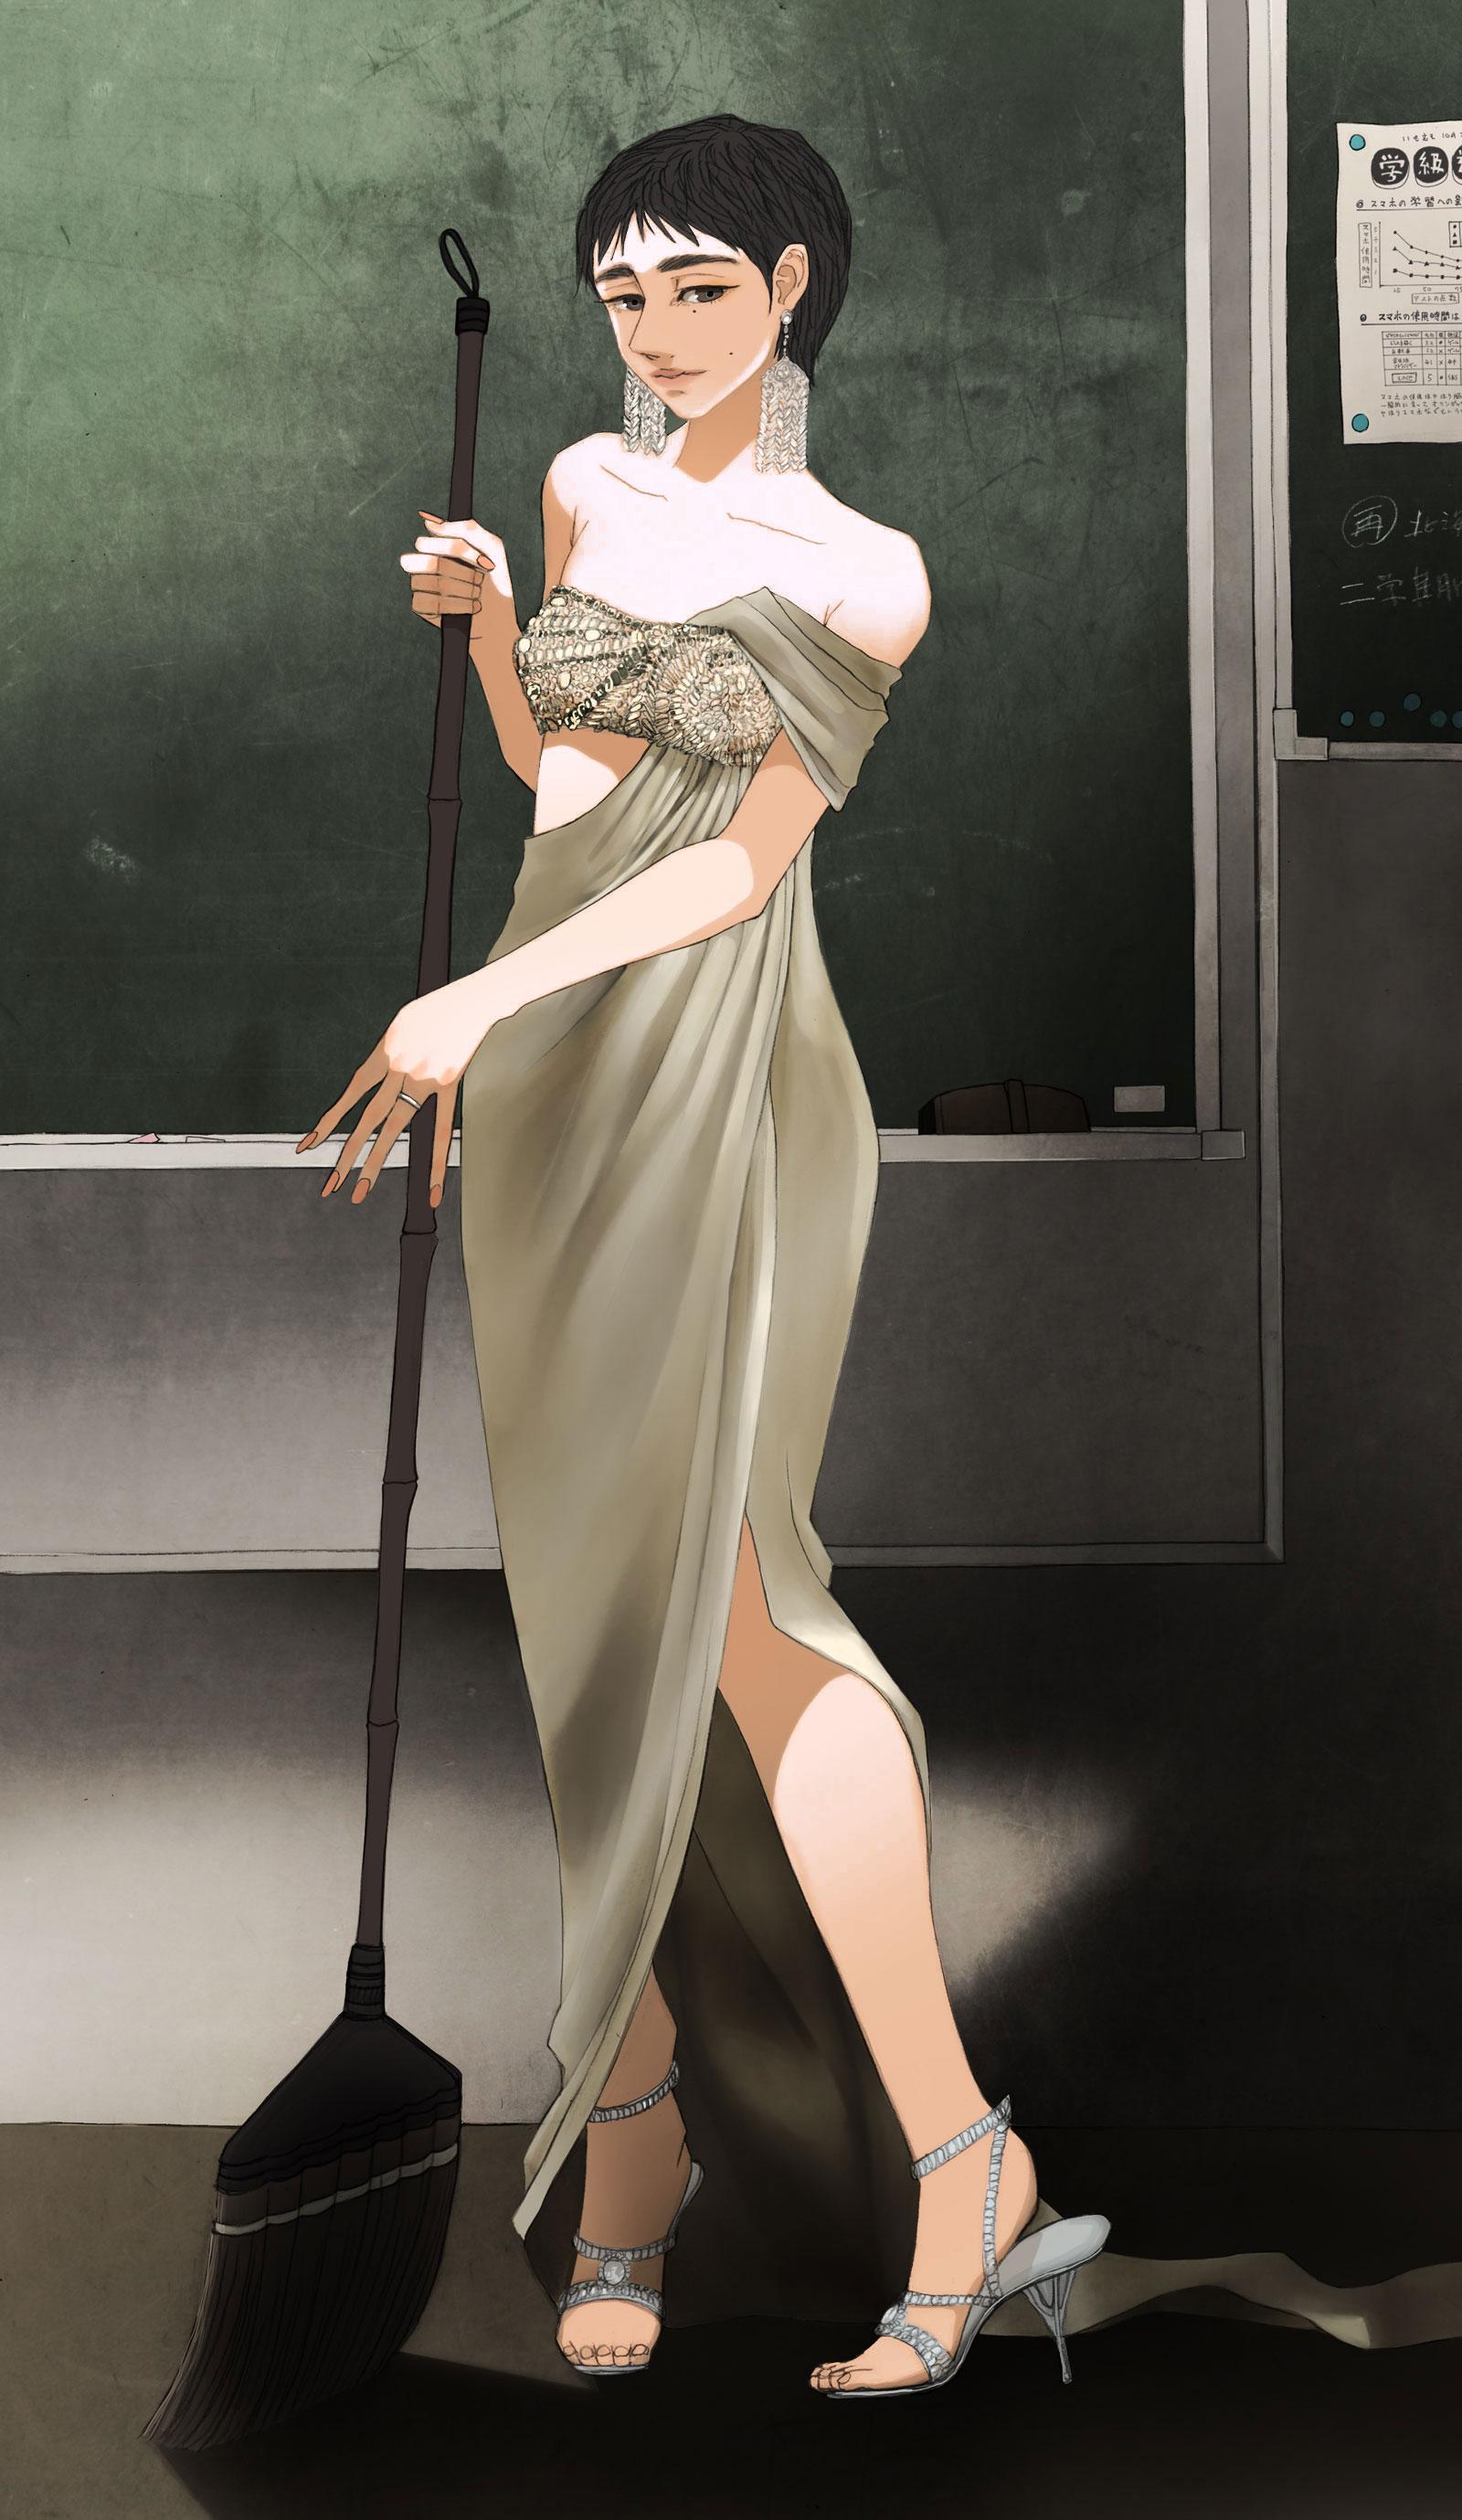 ドレスを着て掃除する女性